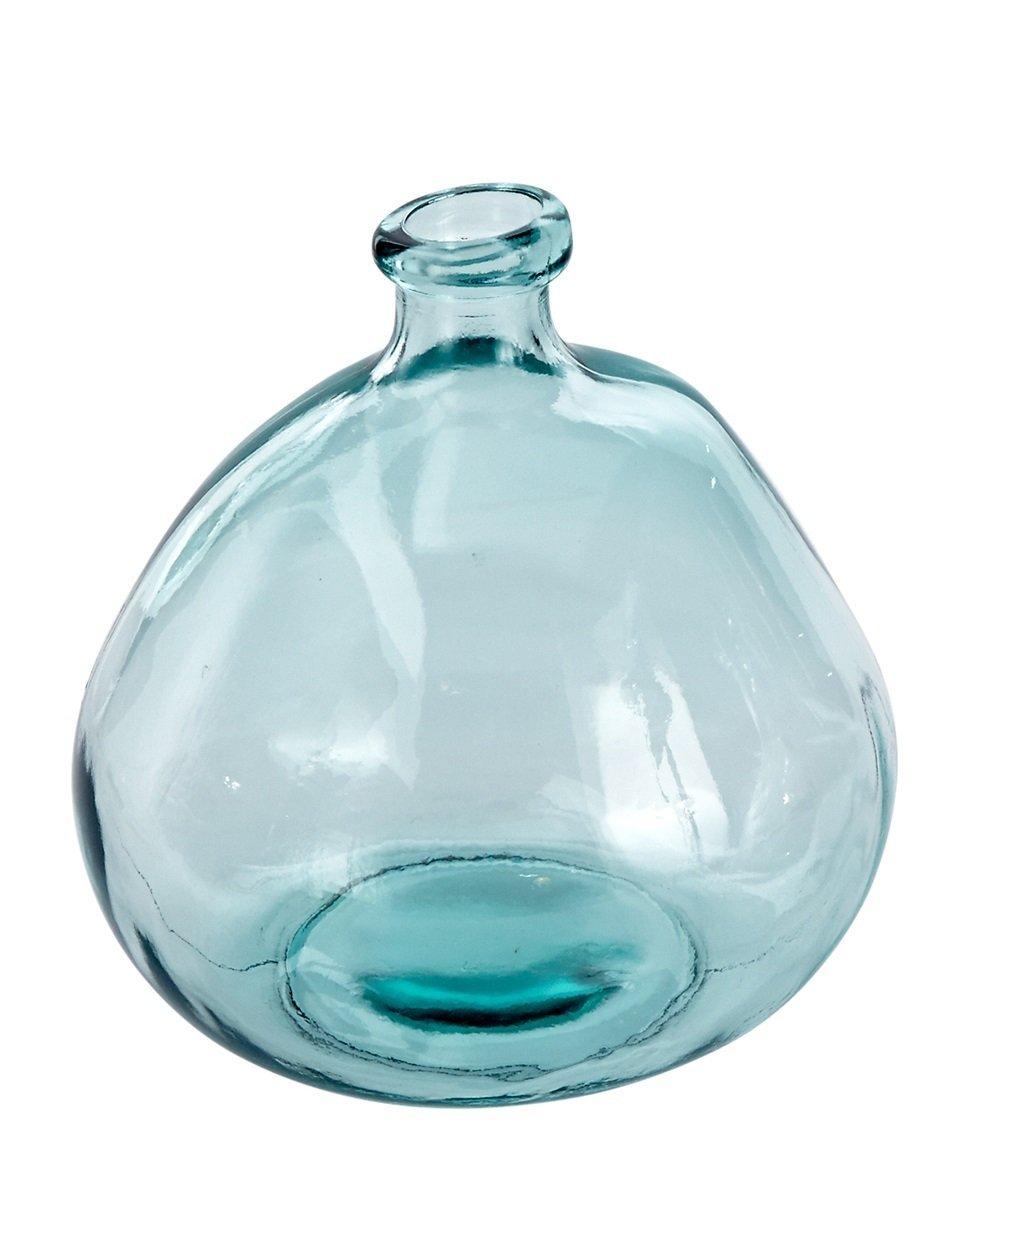 Farmhouse Vibes | Apartment Decor | Spanish Glass Bubble Vase